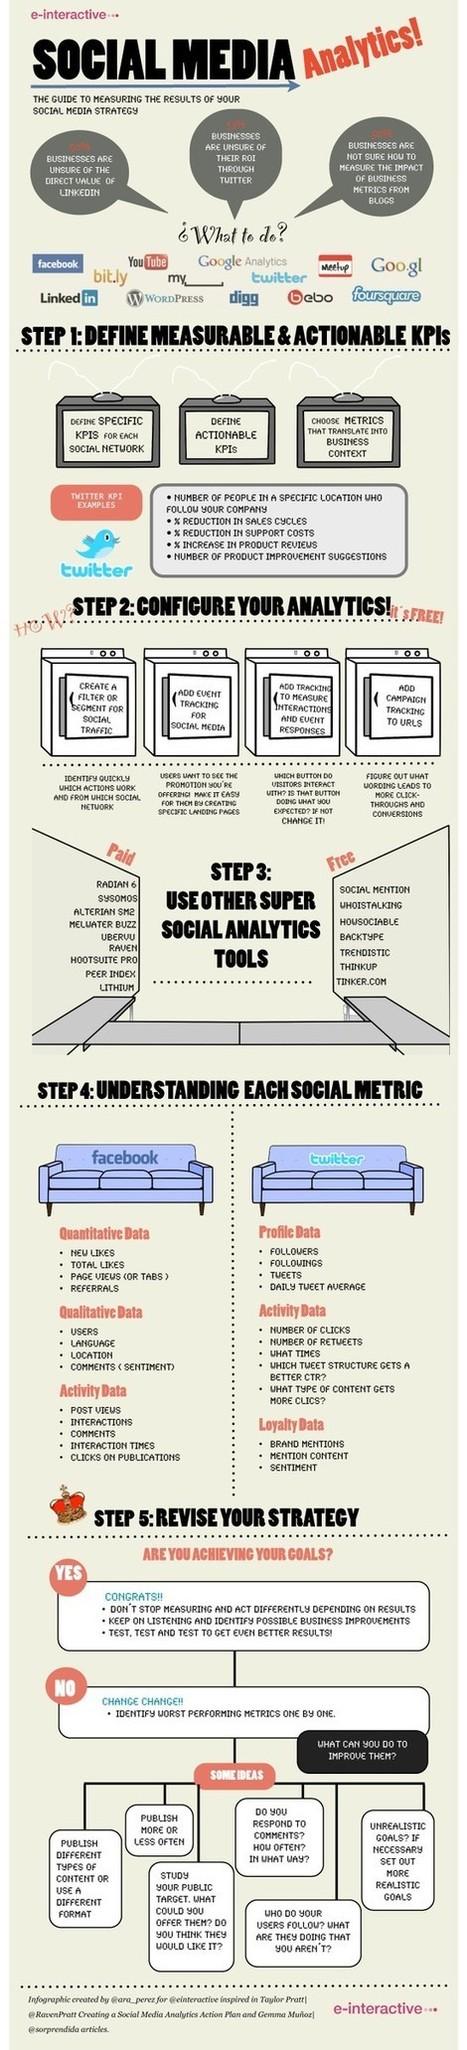 Media Marketing and Social Web | Social Intelligence | Scoop.it